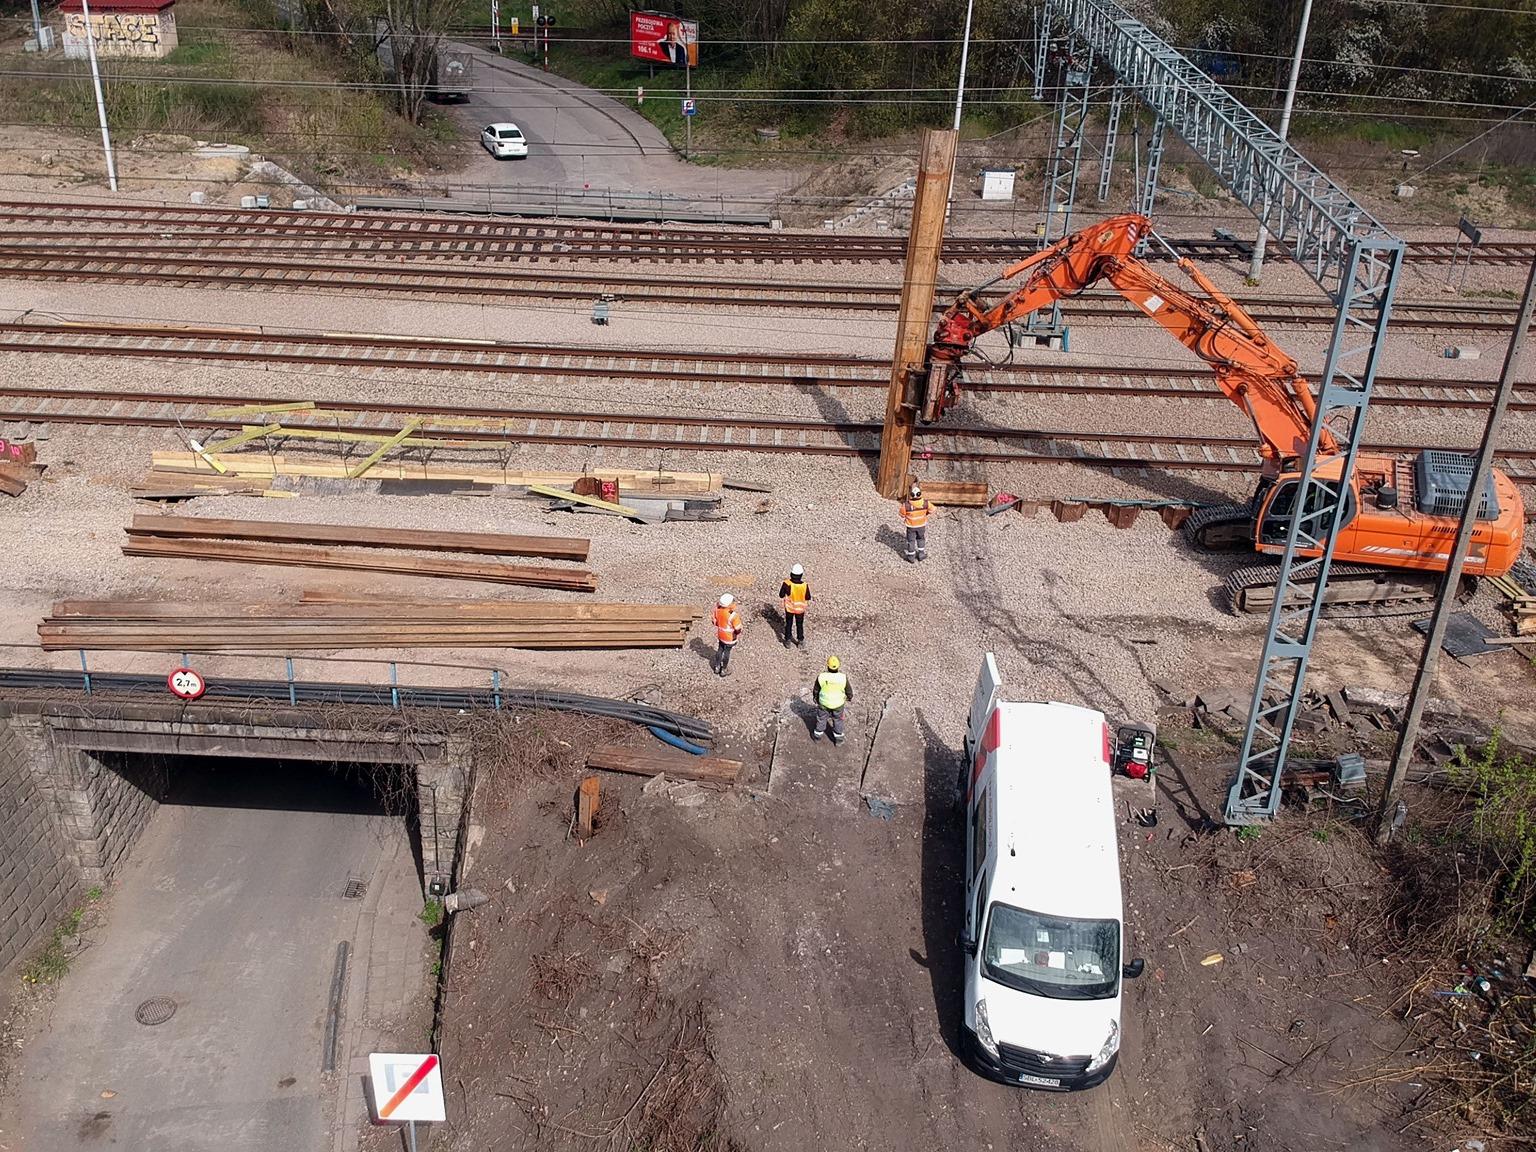 zdjęcie z powietrza przedstawiające prace modernizacyjne na wiadukcie kolejowym przy ul. Łokietka w Krakowie.